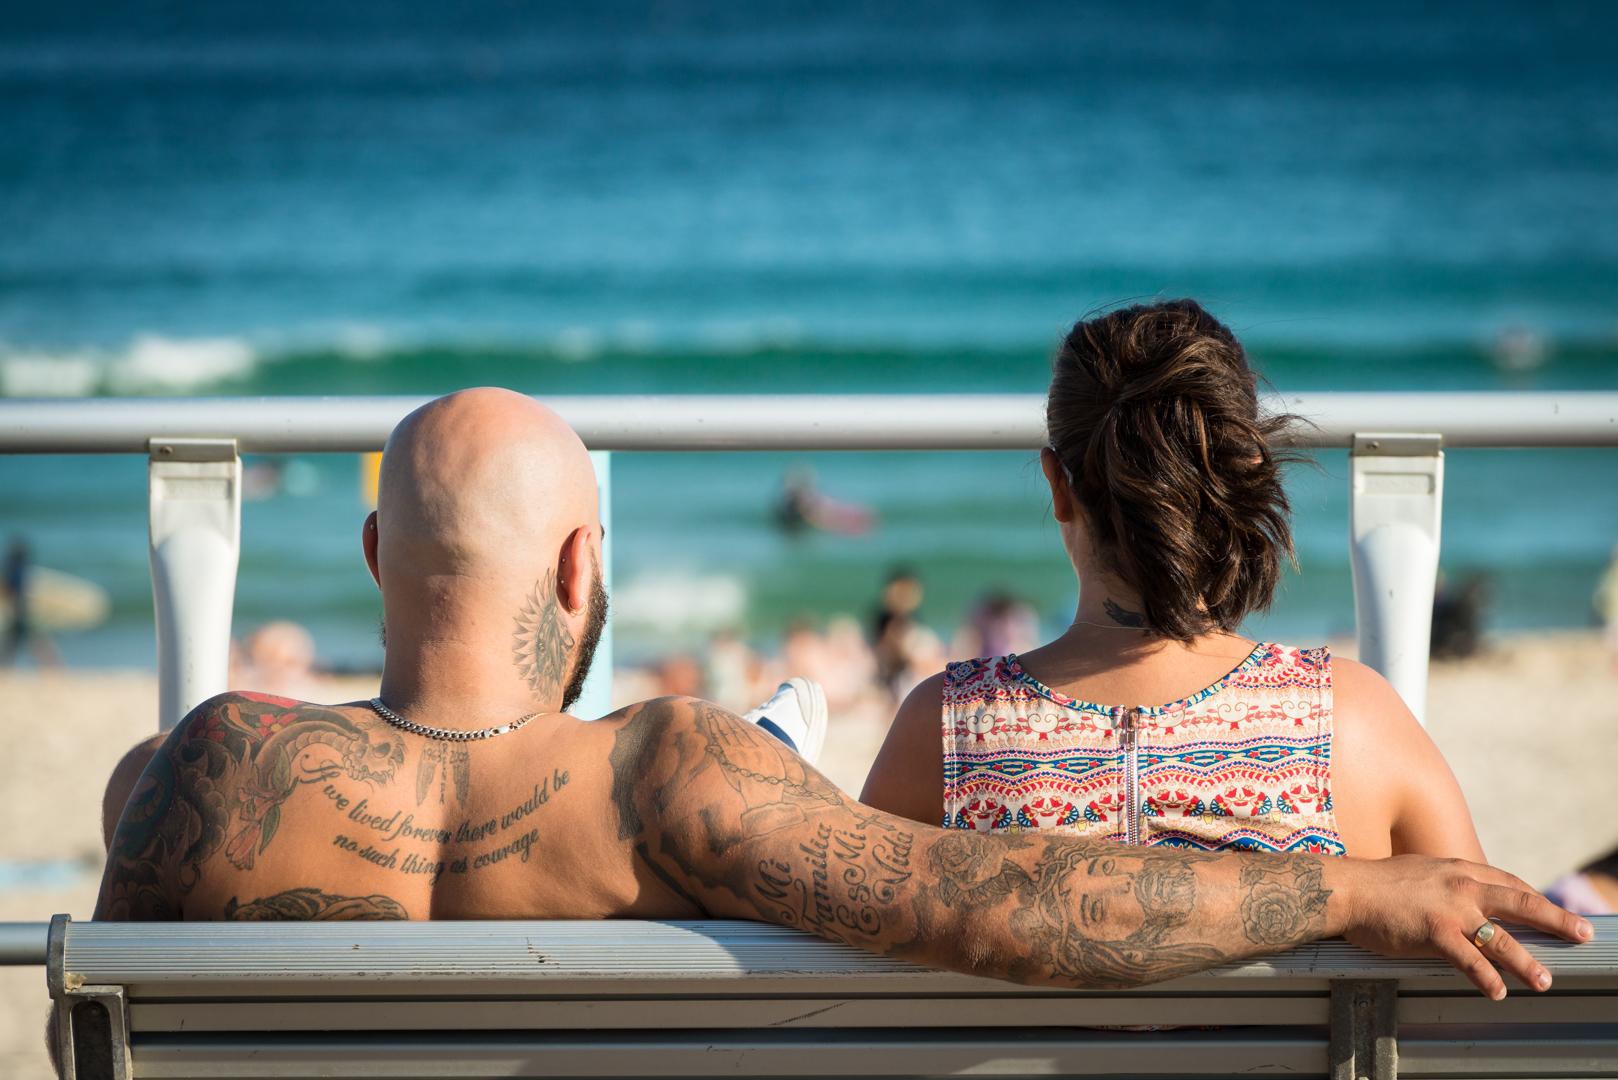 In dem berühmten Badeort Bondi Beach bei Sydney präsentiert man gerne seinen Körper und seine Tattoo´s